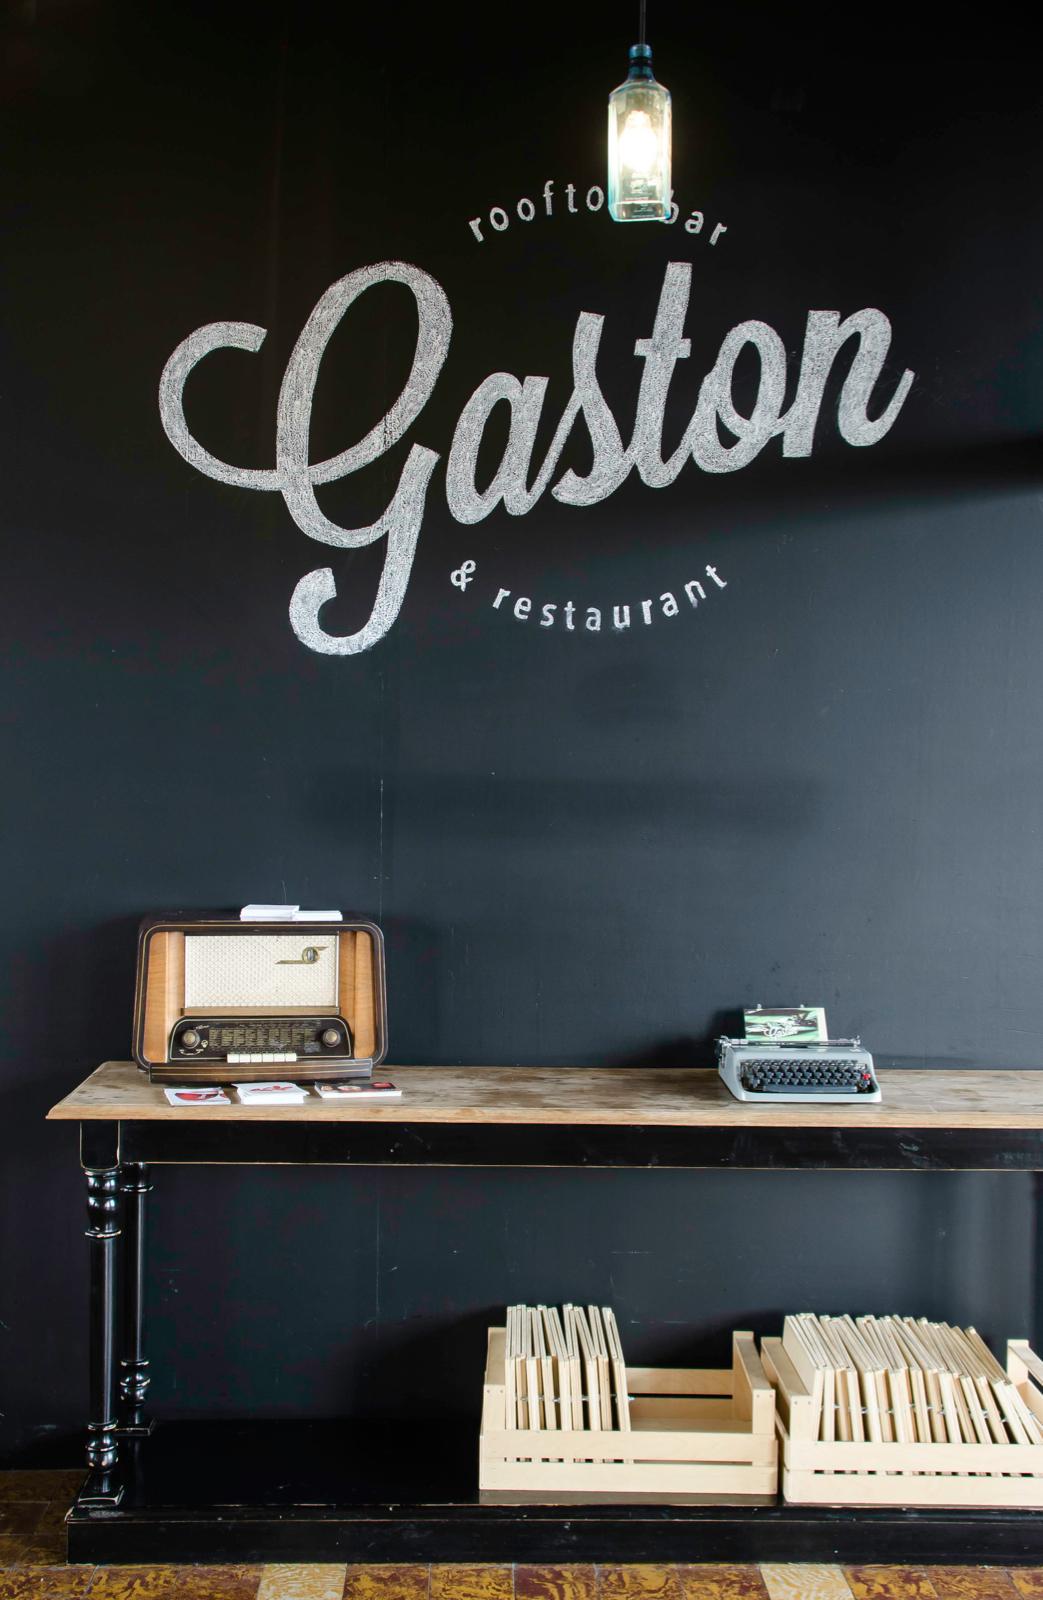 Gaston Gent